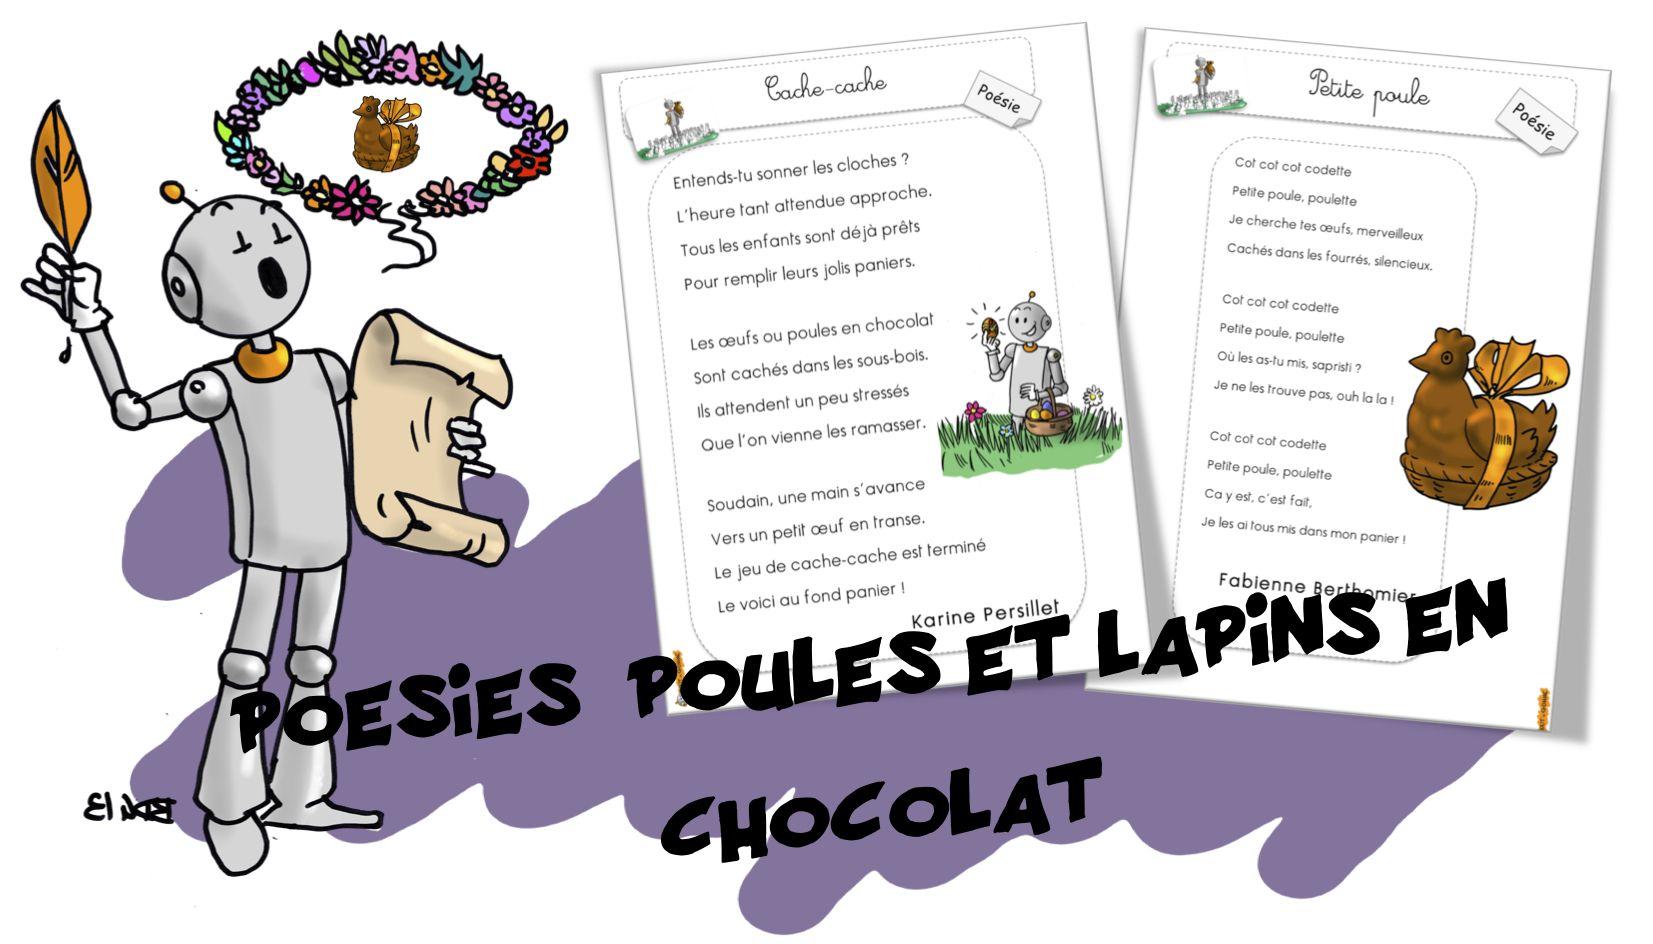 Poésies Pour Les Gourmands Poésie Lapin En Chocolat